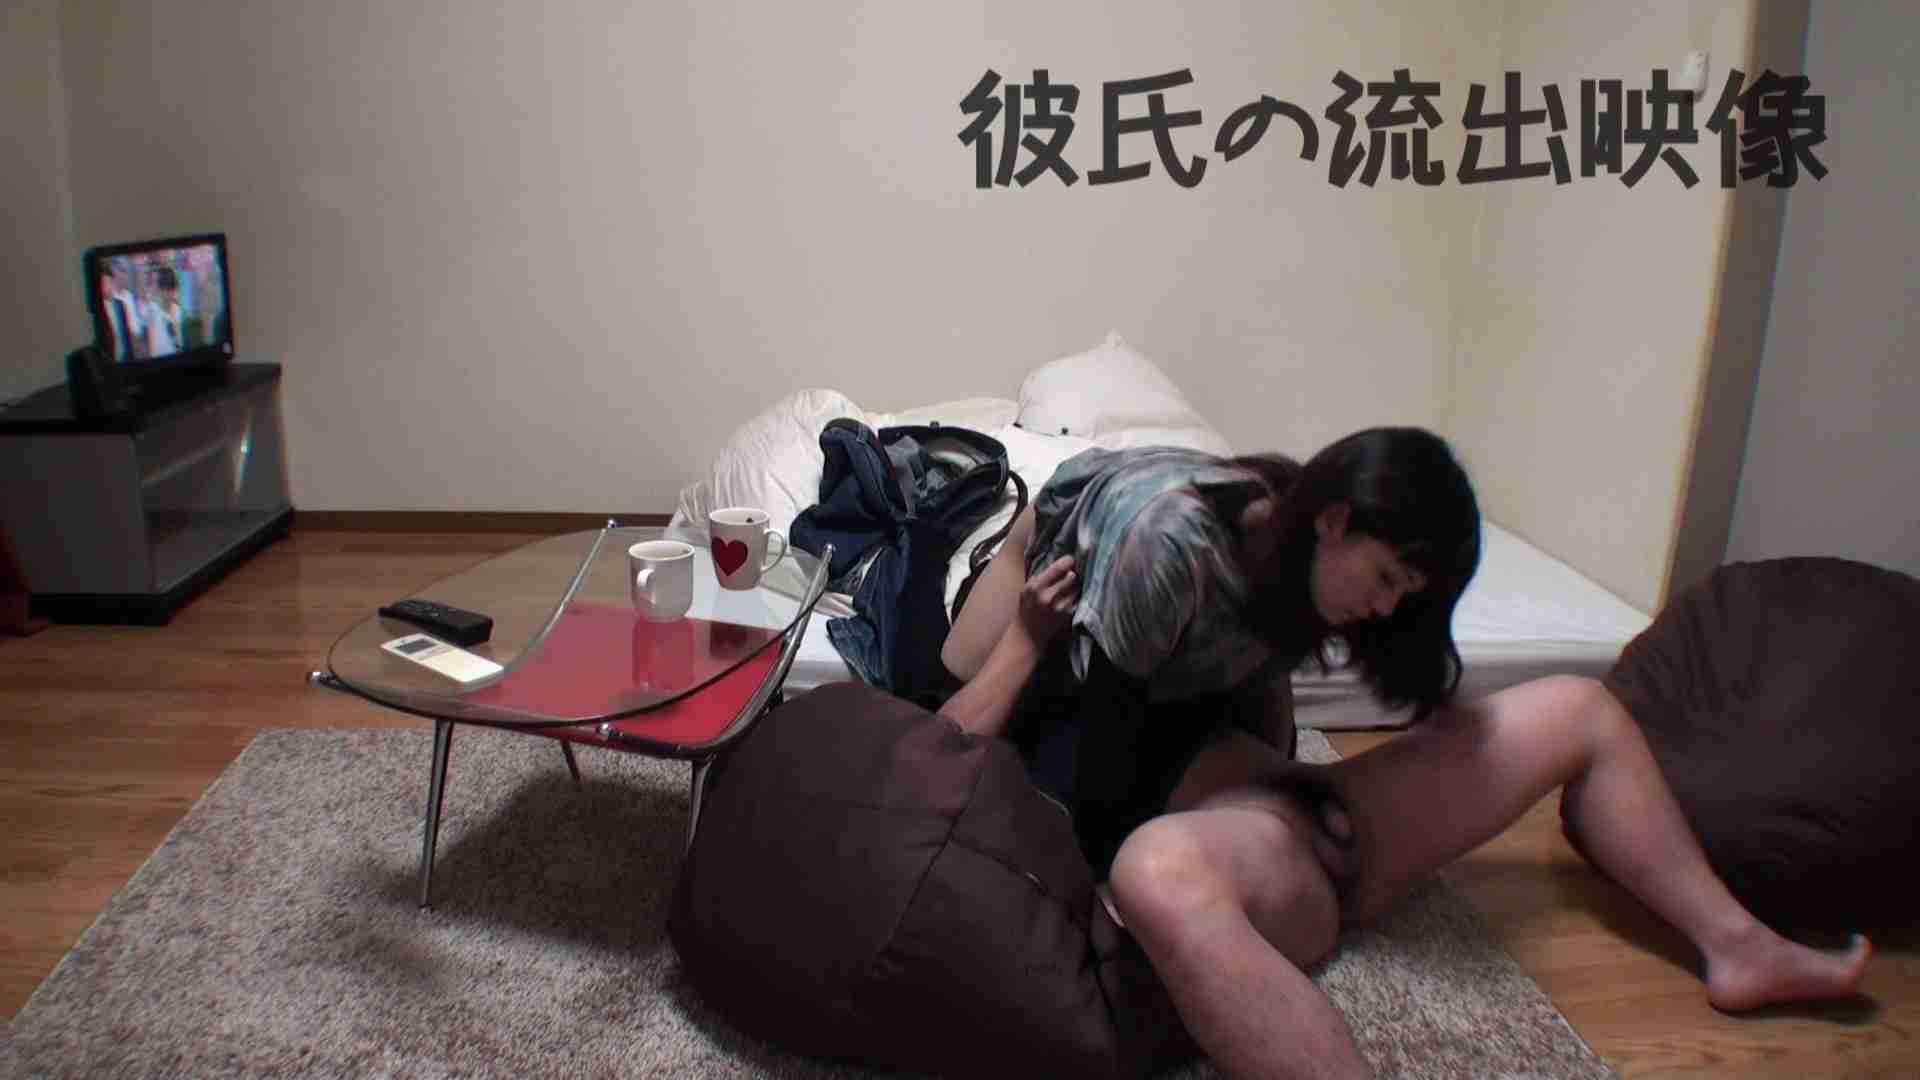 彼氏が流出 パイパン素人嬢のハメ撮り映像02 SEX エロ画像 38連発 21